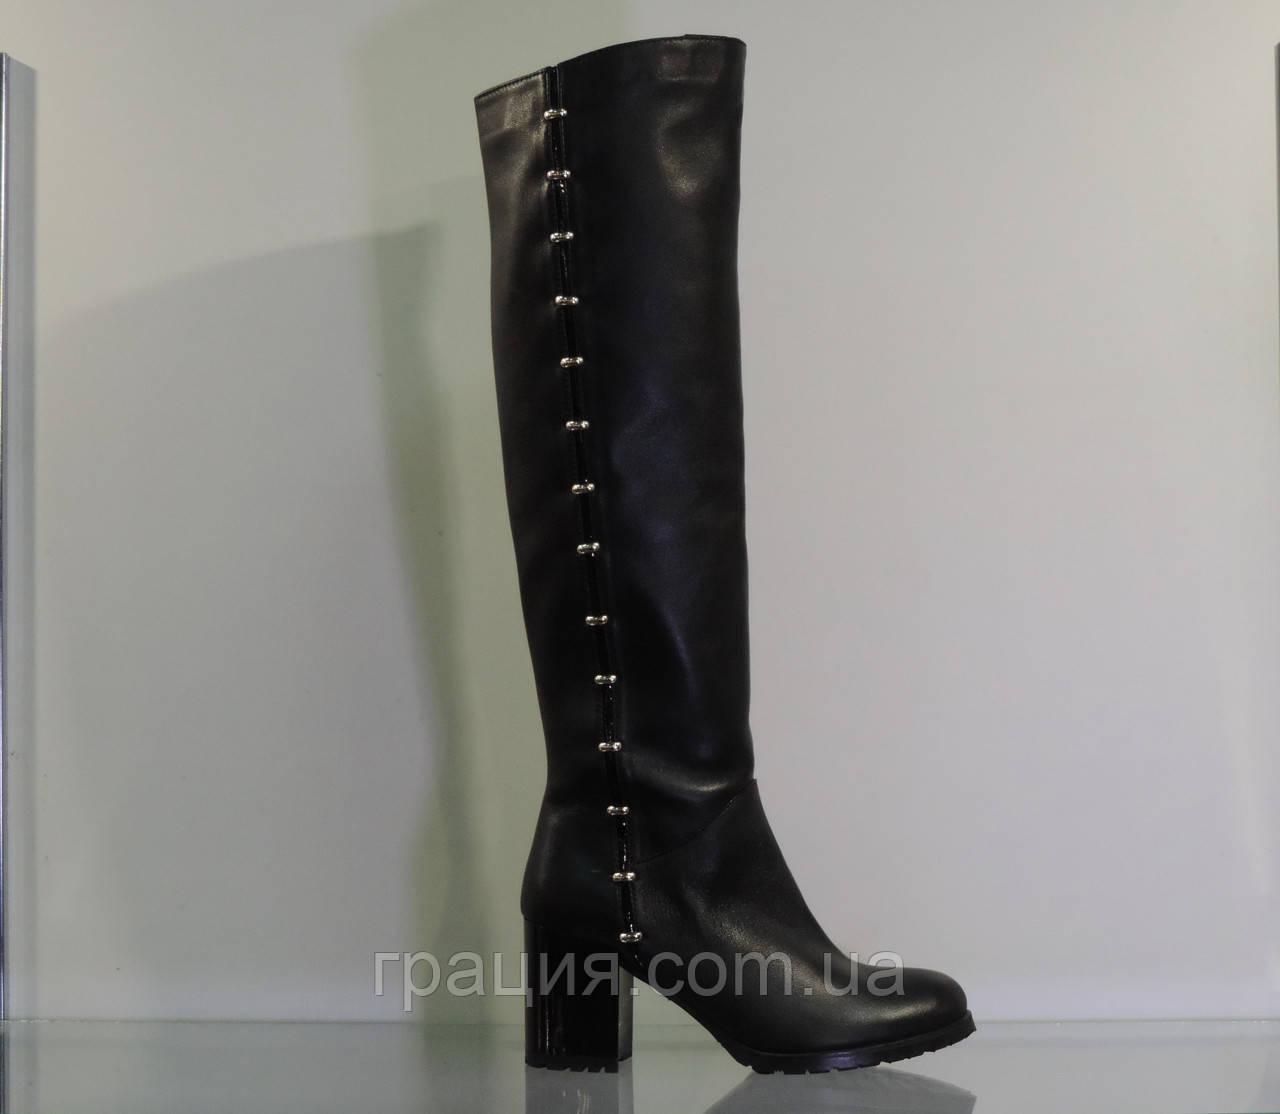 Зимові жіночі шкіряні чобітки на середньому каблуці